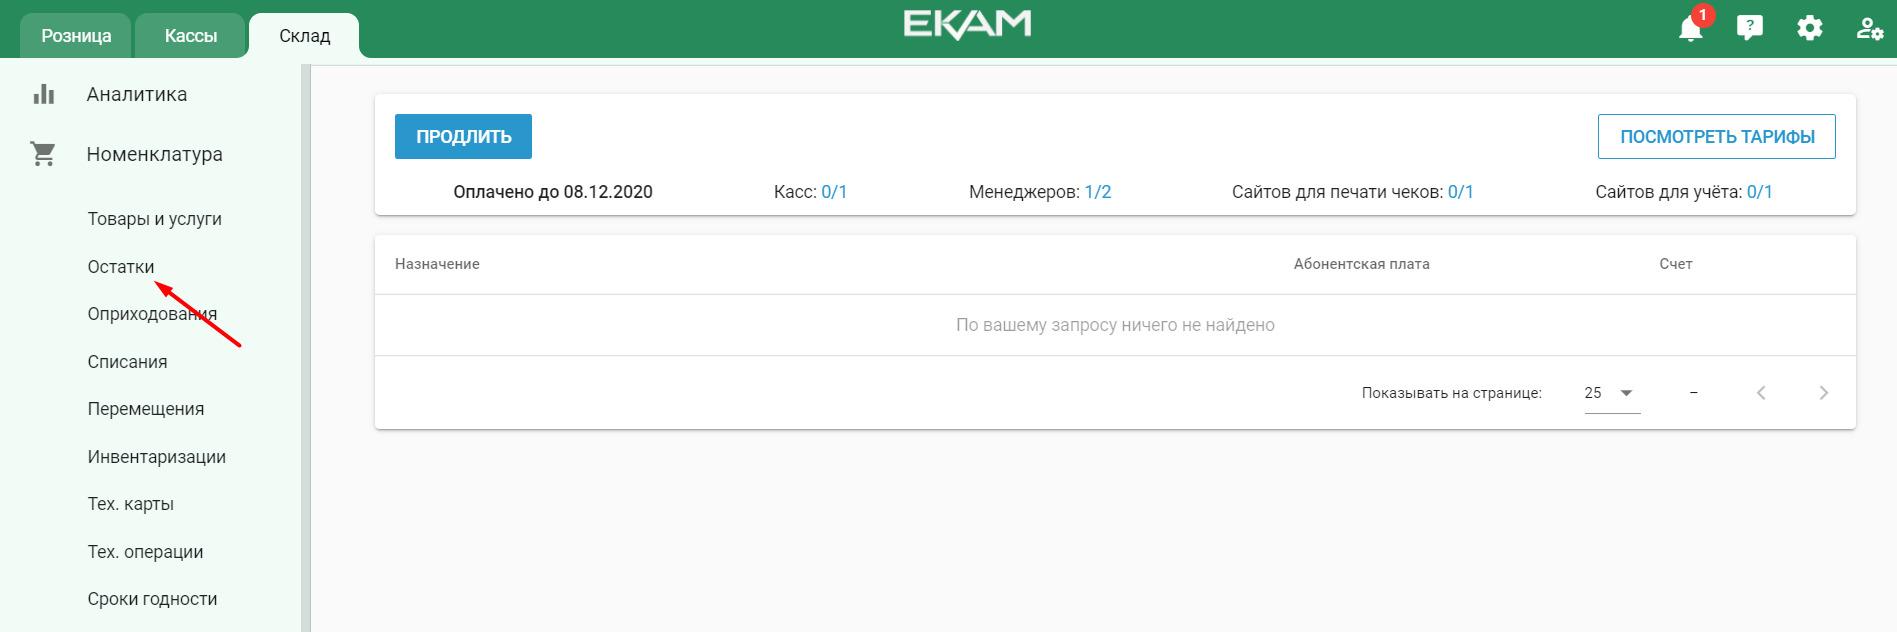 Сведения по остаткам товаров в личном кабинете системы «EKAM»